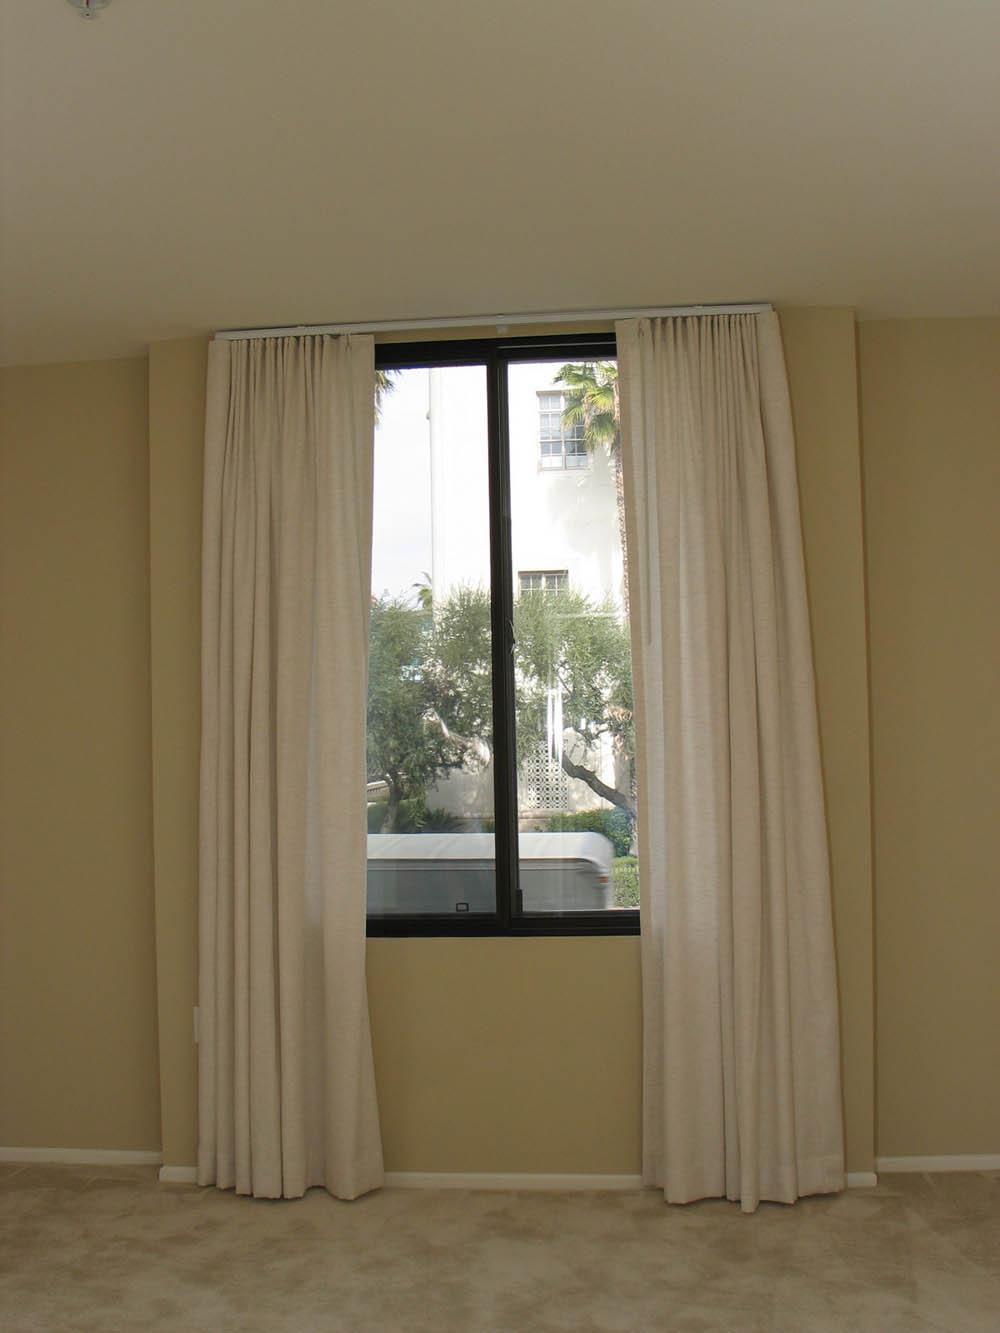 Window overlooking street